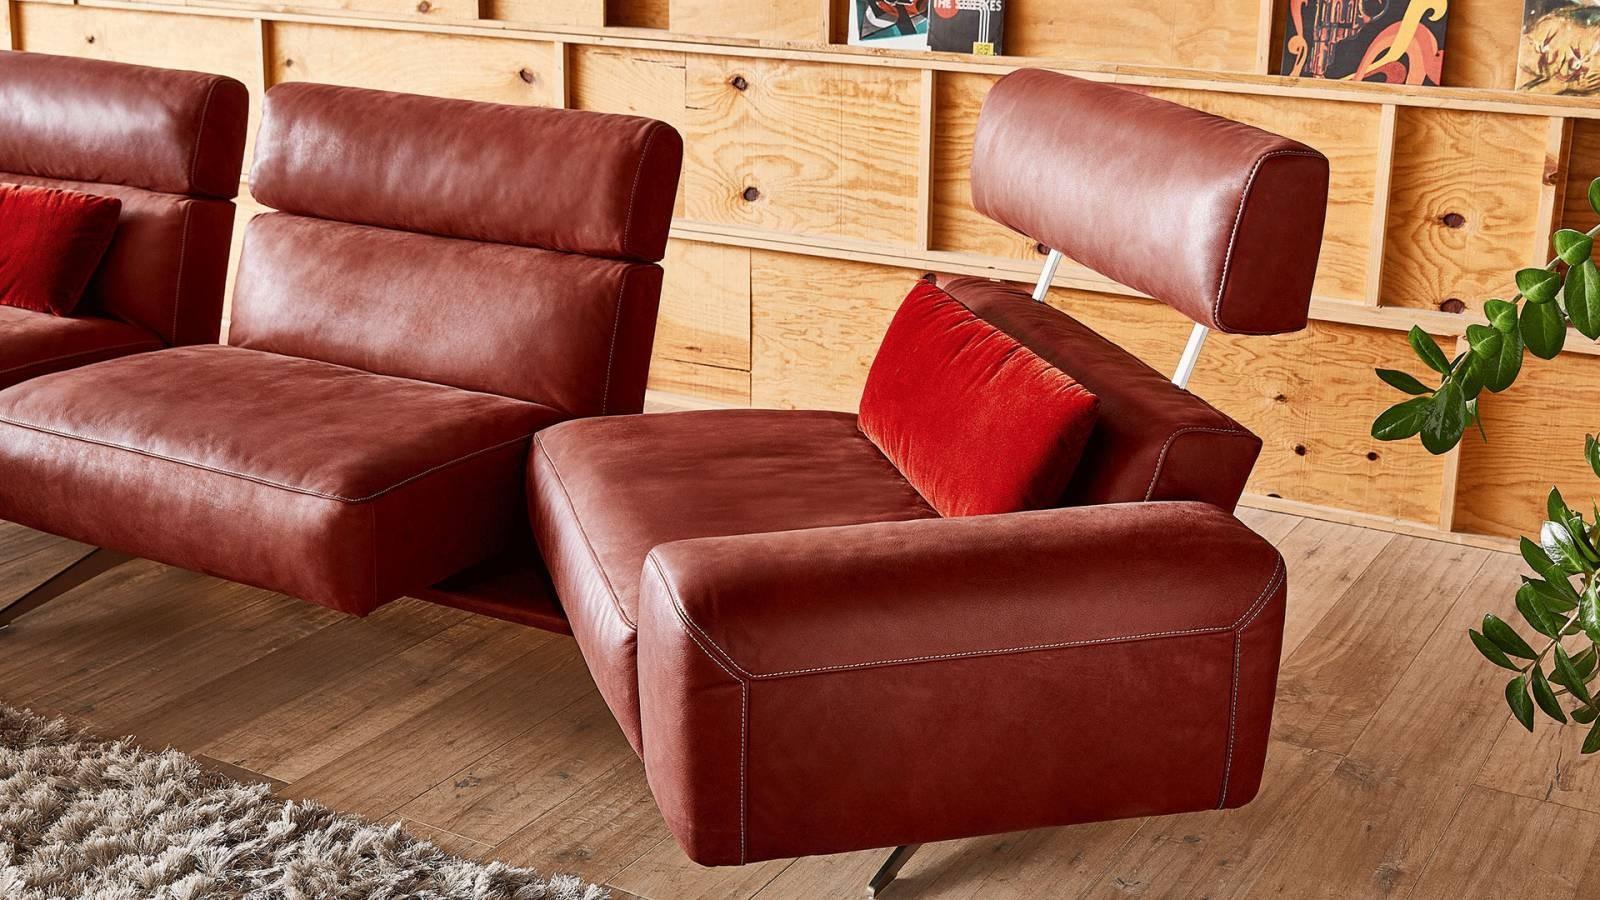 Canapea modernă Koinor Monroe